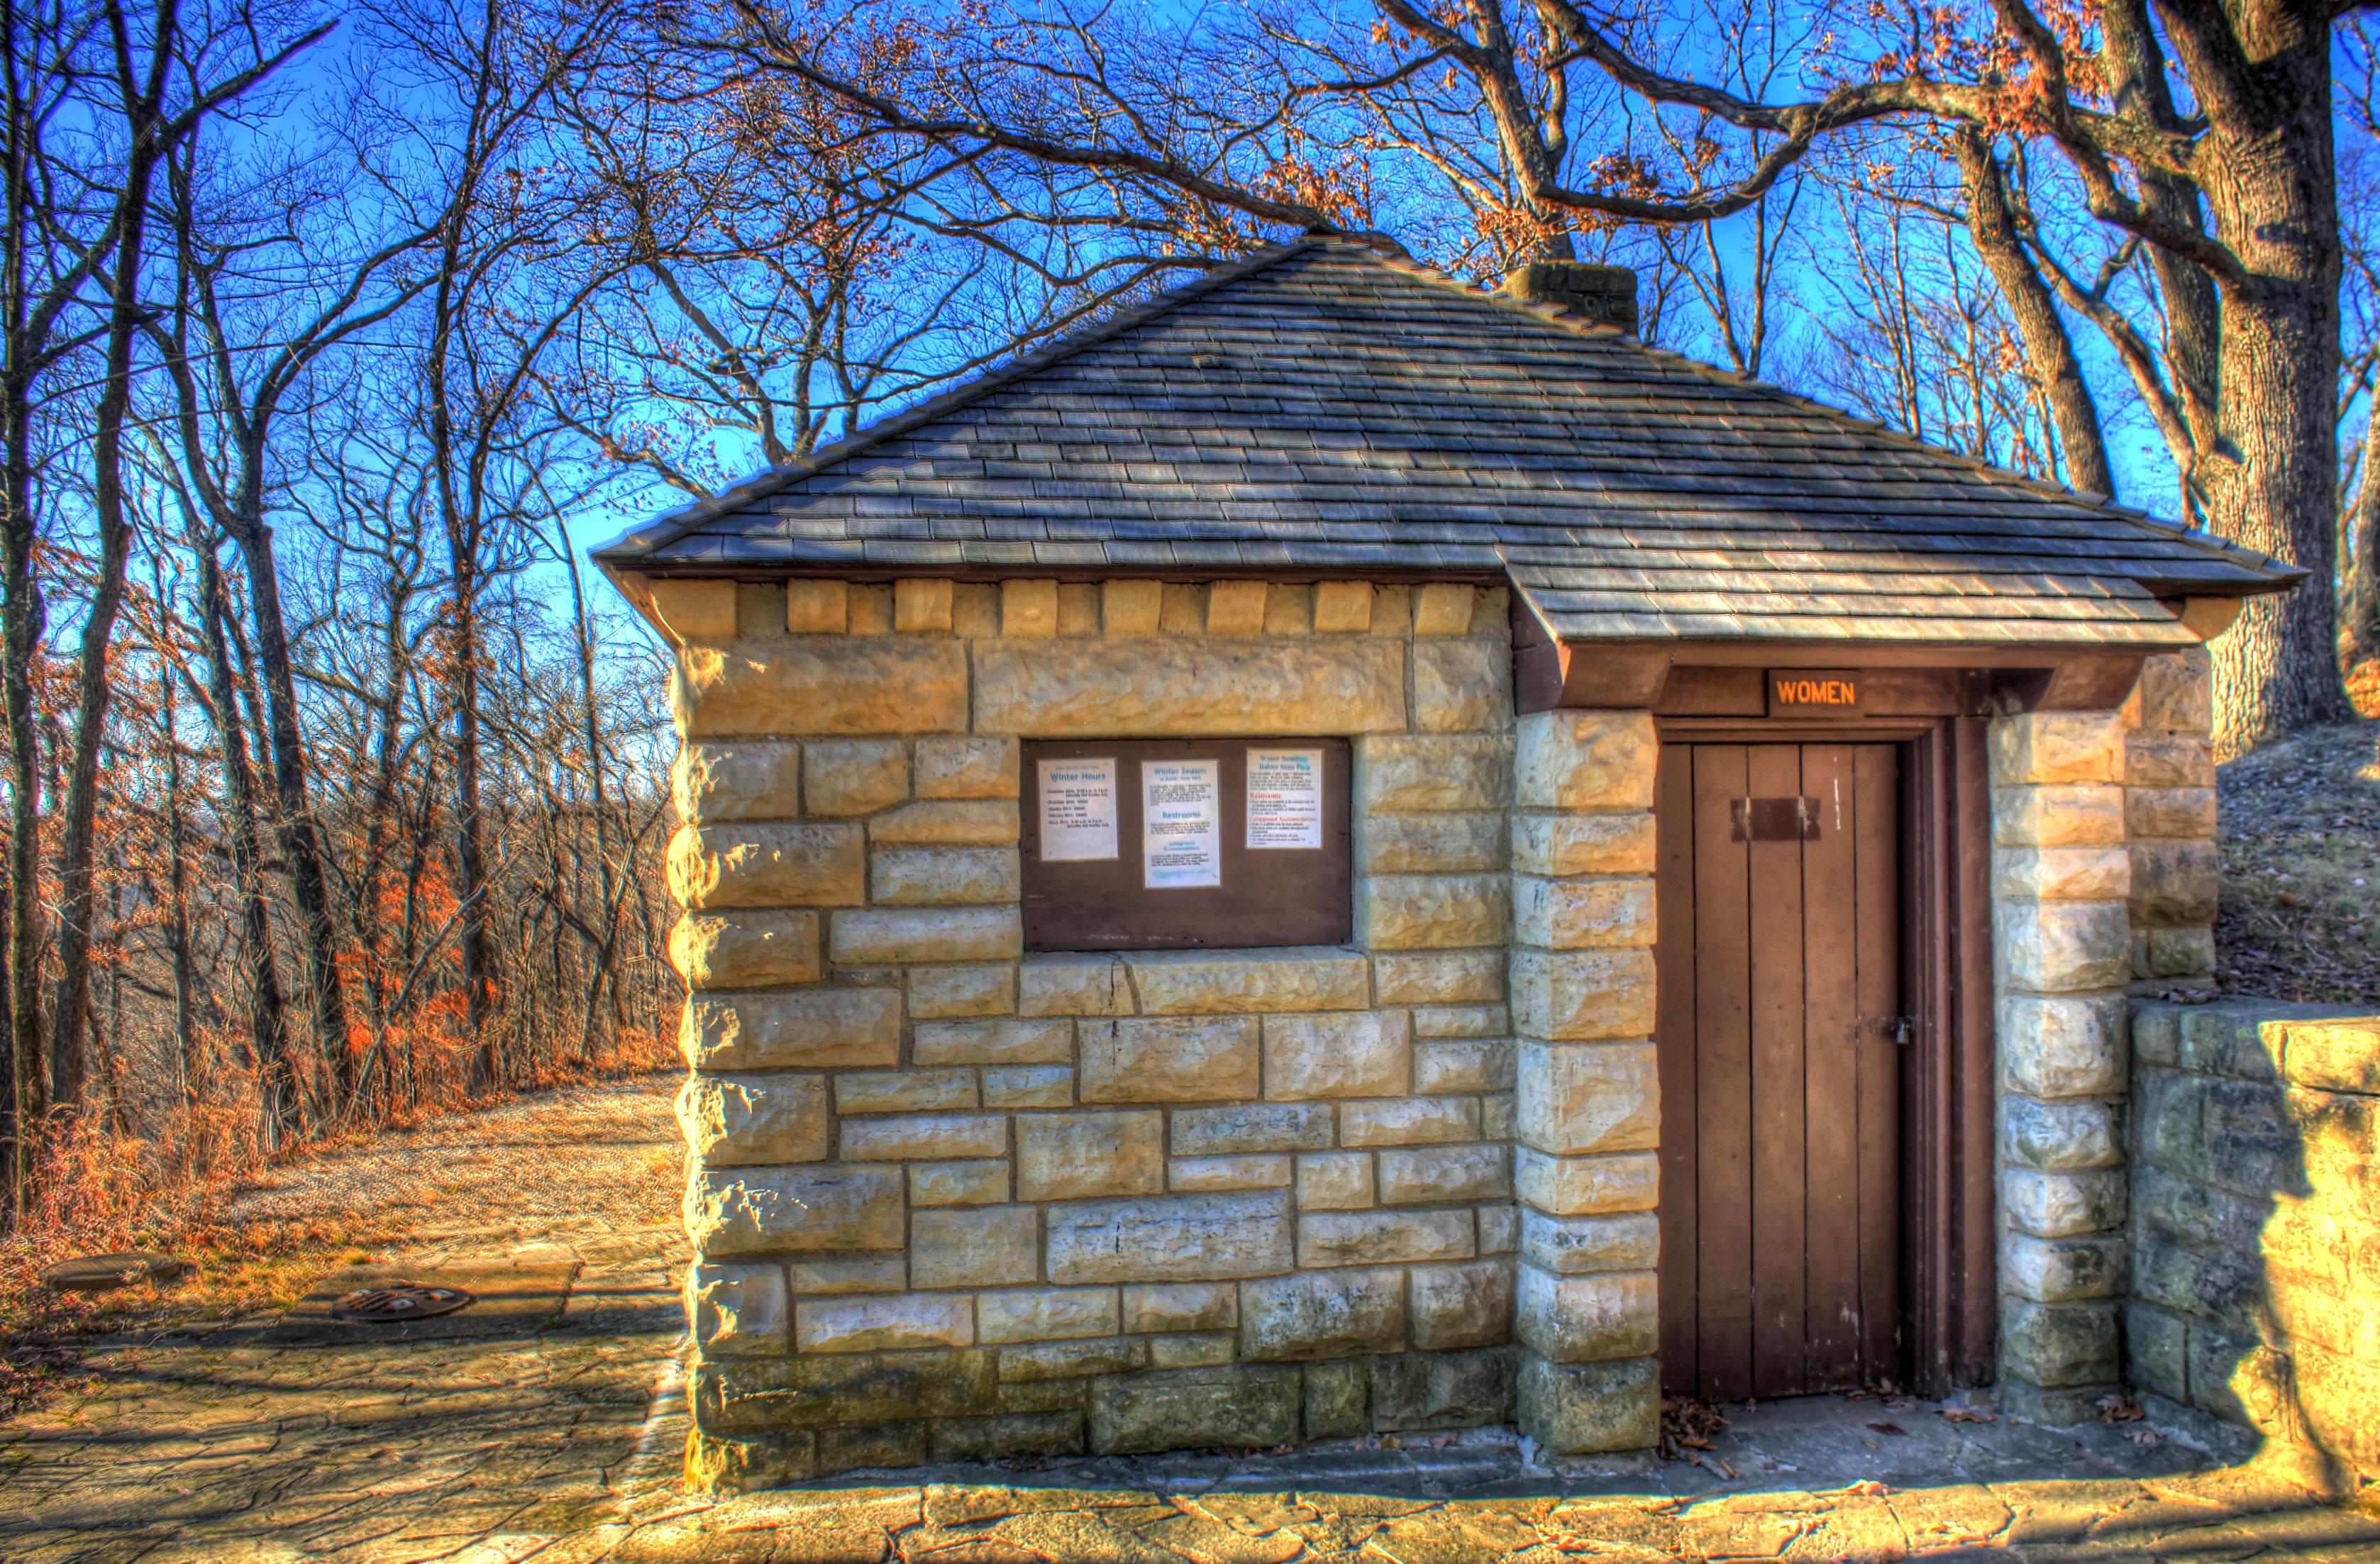 File:Gfp-missouri-babbler-state-park-bathroom-at-babbler.jpg ...